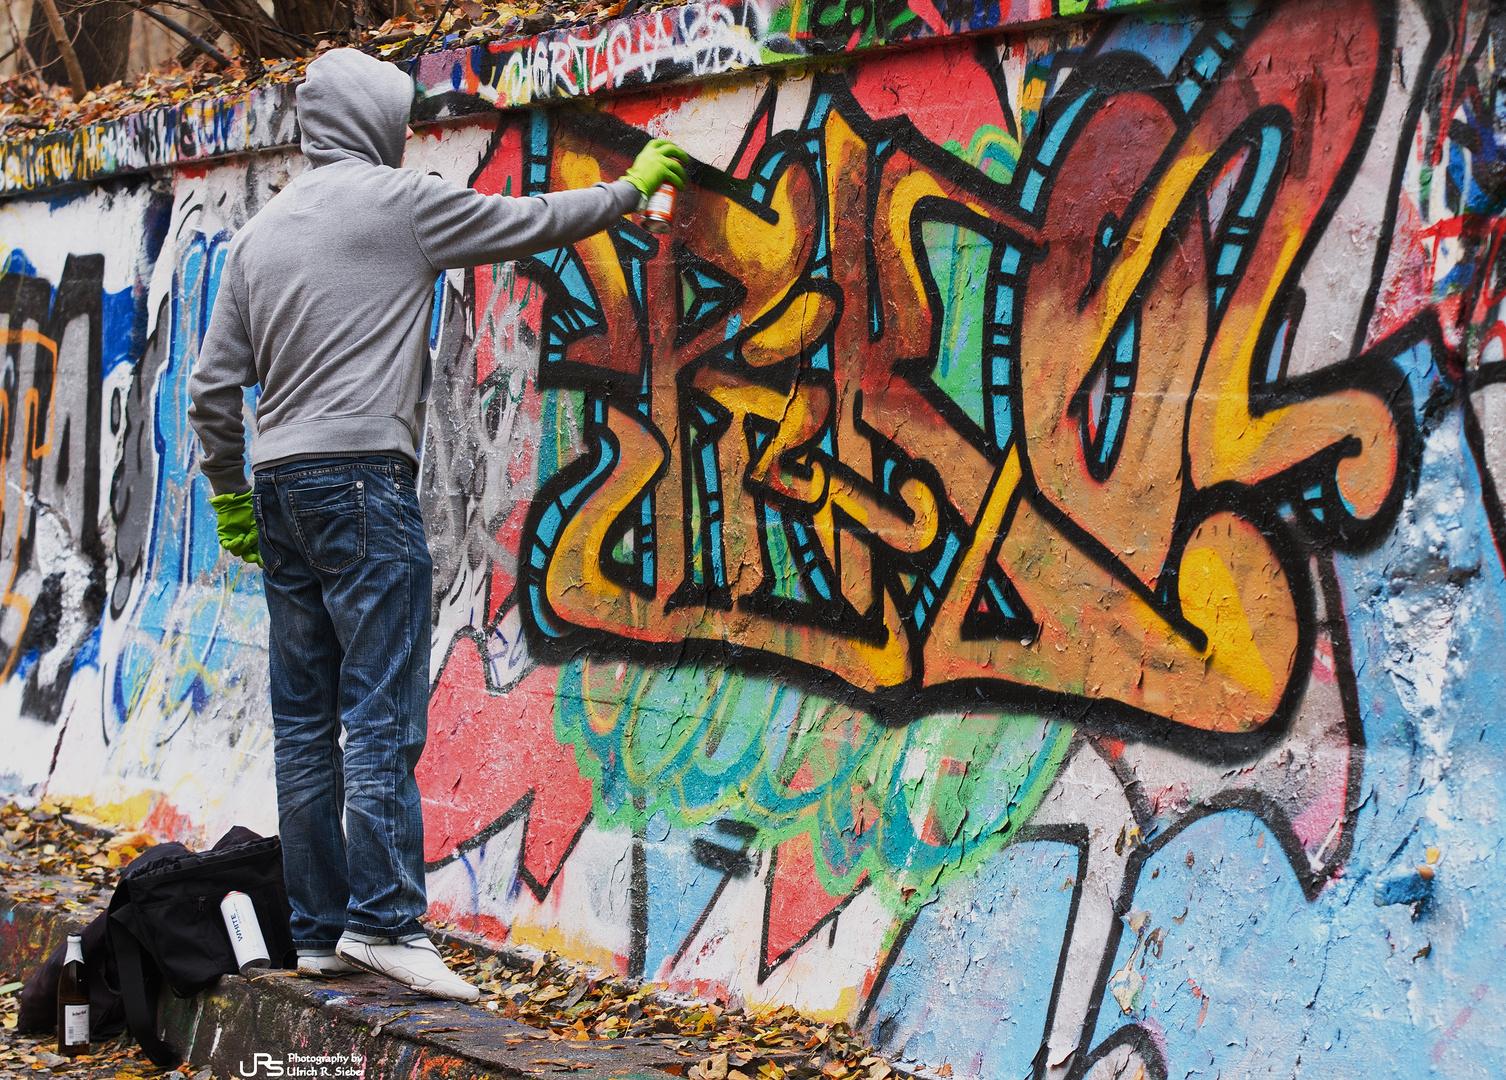 der graffiti sprayer foto bild streetart kunstfotografie kultur menschen bilder auf. Black Bedroom Furniture Sets. Home Design Ideas